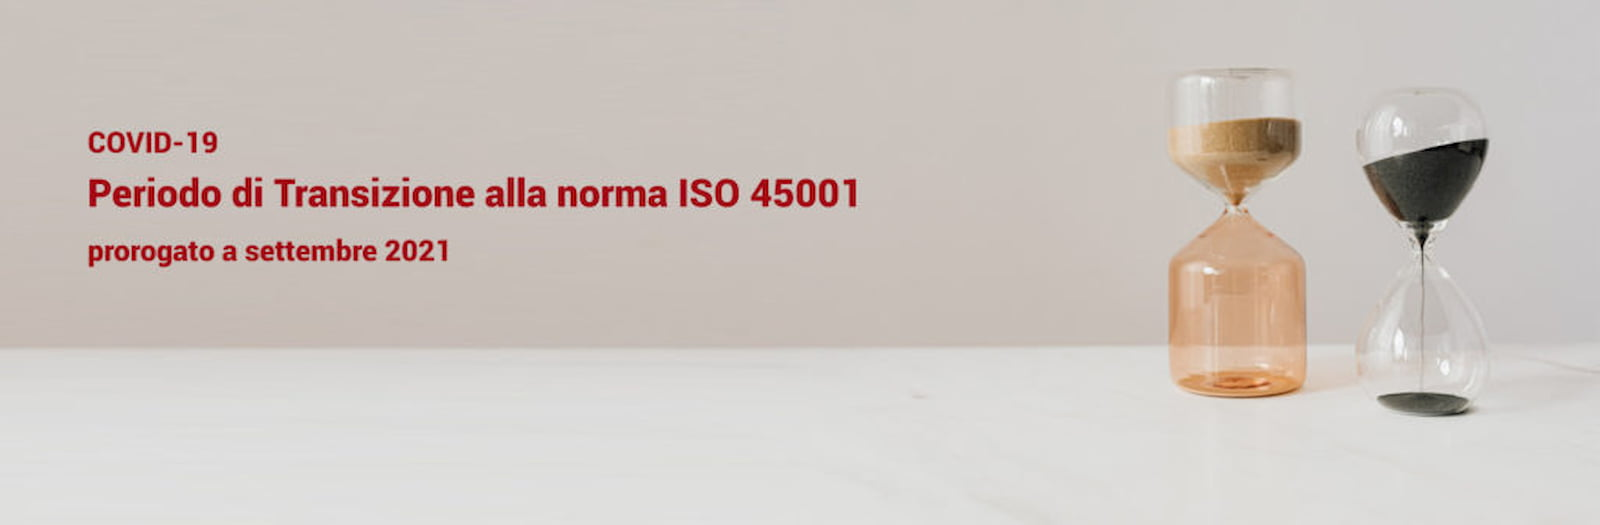 TRANSIZIONE ALLA NUOVA ISO 45001 – PROROGA E NUOVE TEMPISTICHE